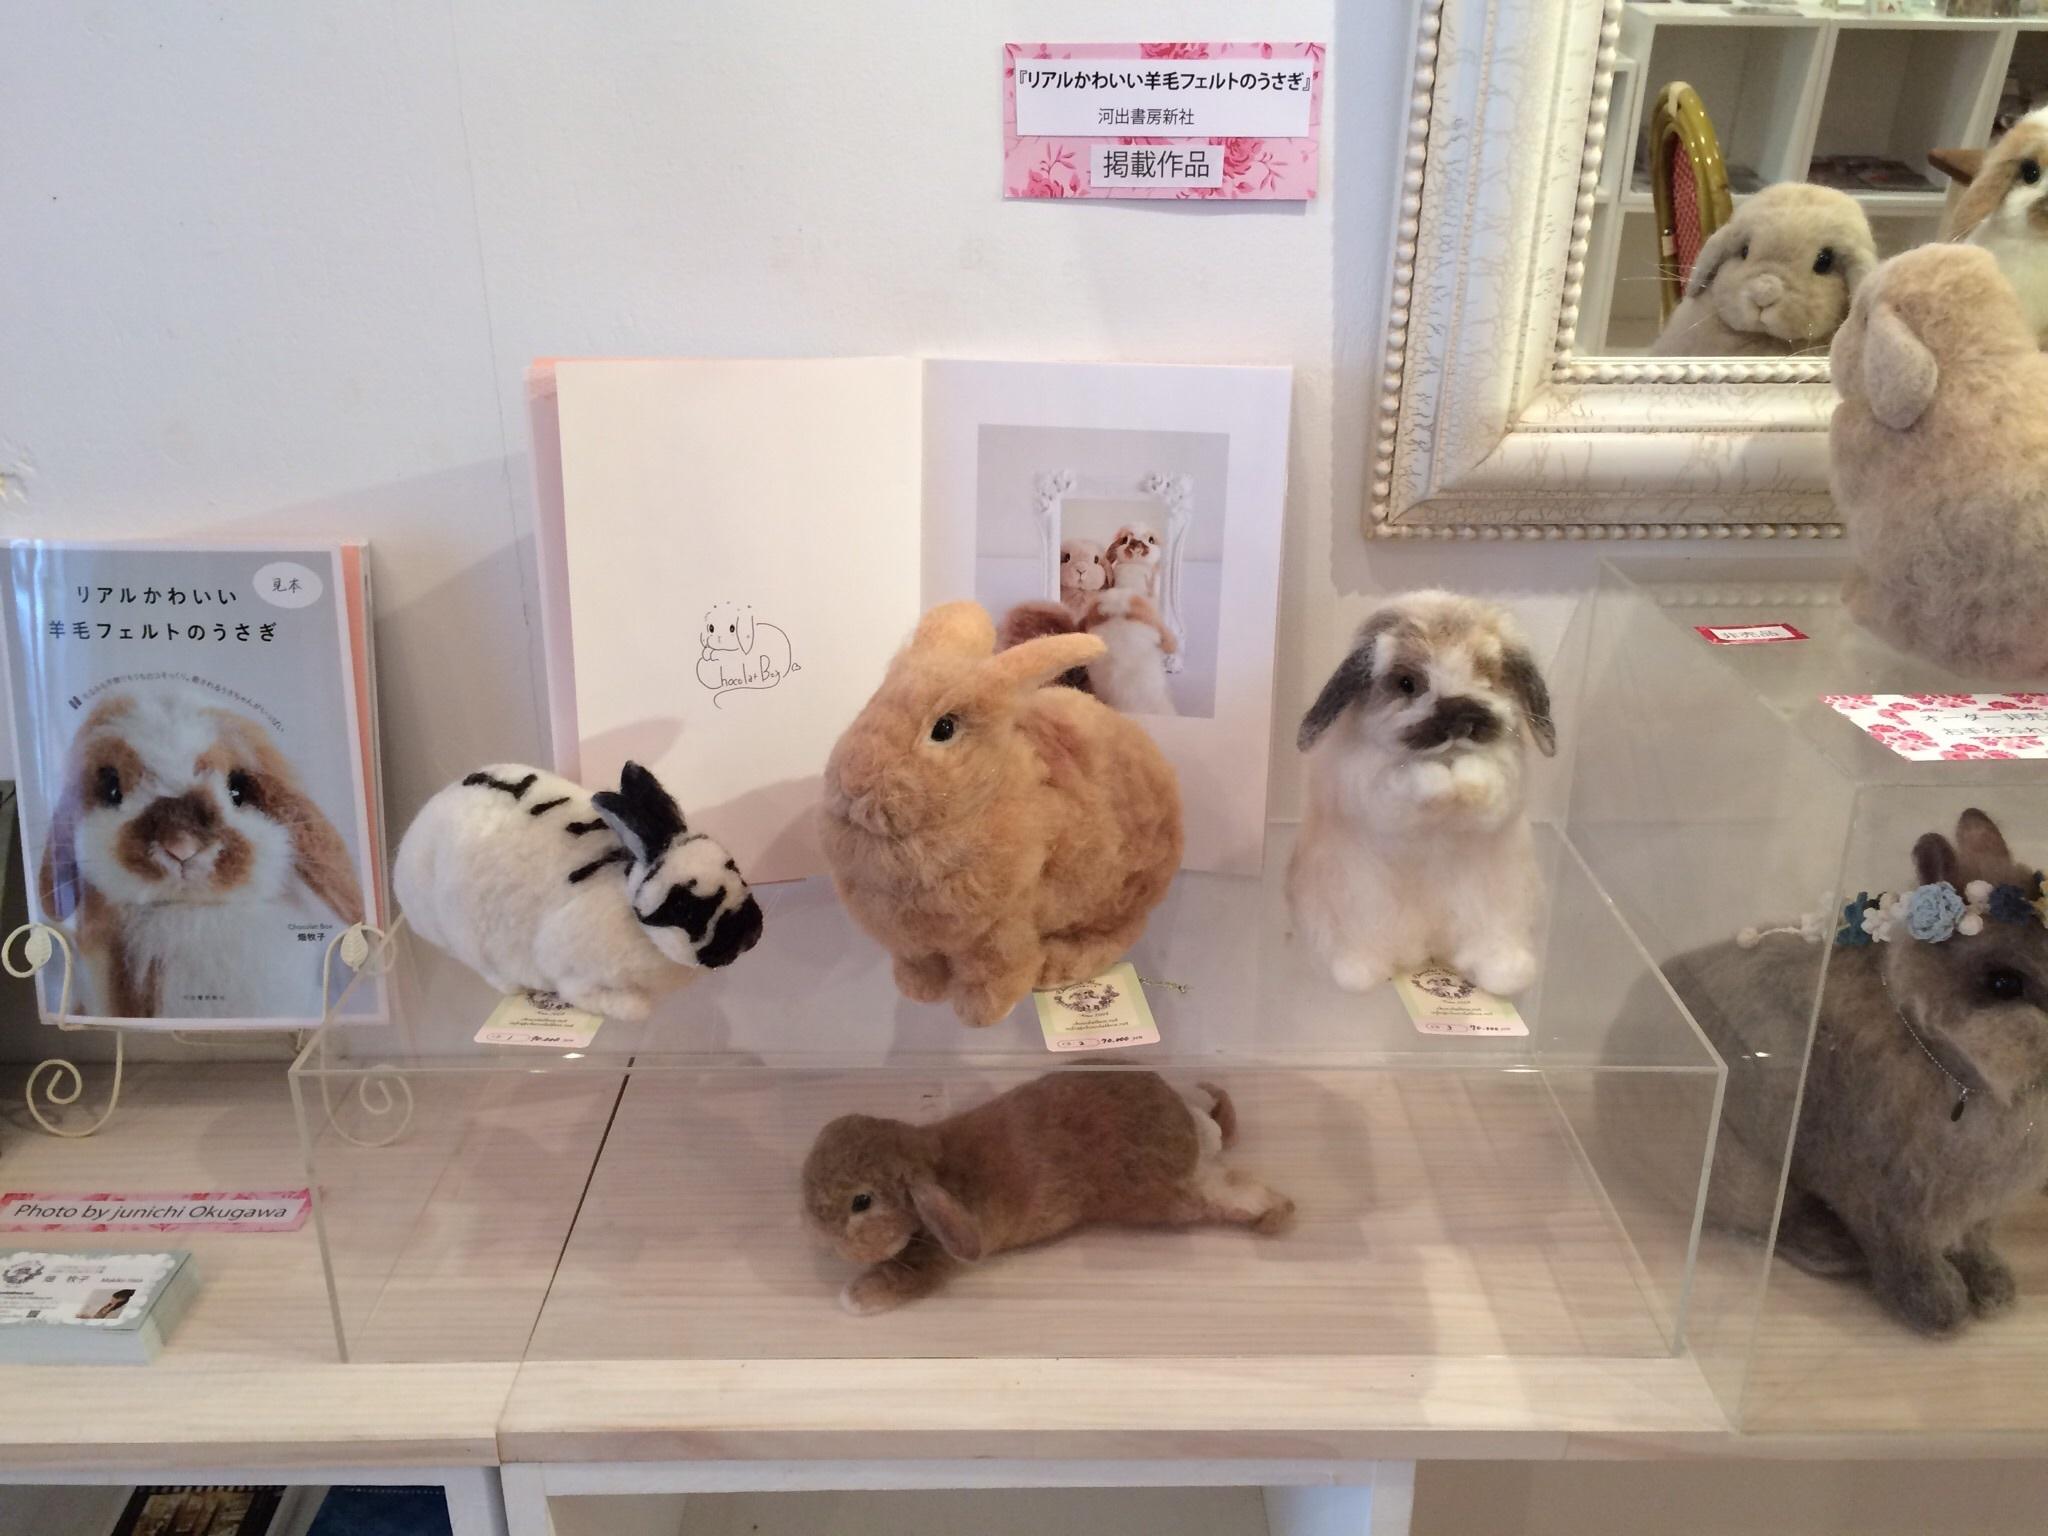 畑牧子さんの出版記念作品展『リアルかわいい羊毛フェルトのうさぎ』@南青山Gallery Paletteへ_a0157409_14280816.jpg